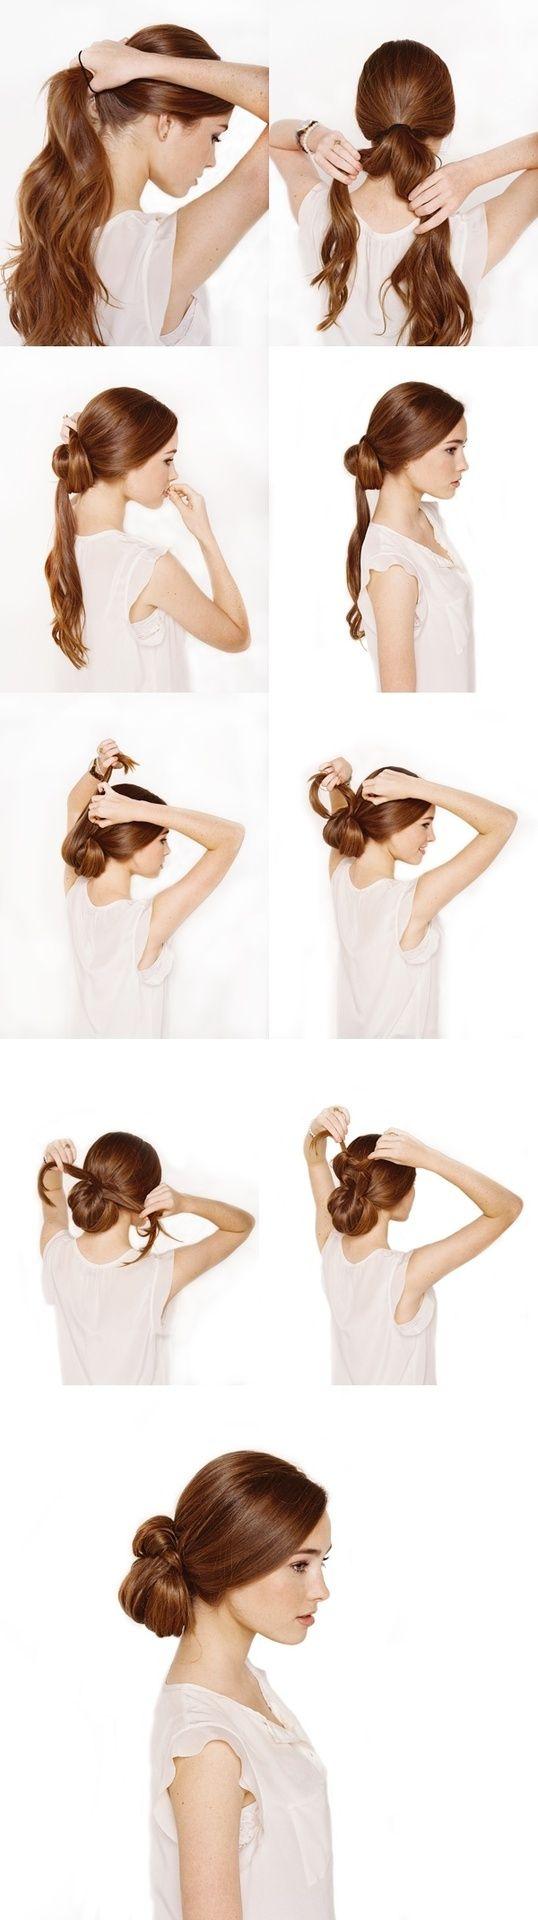 Прическа на свадьбу на длинные волосы пошаговая инструкция